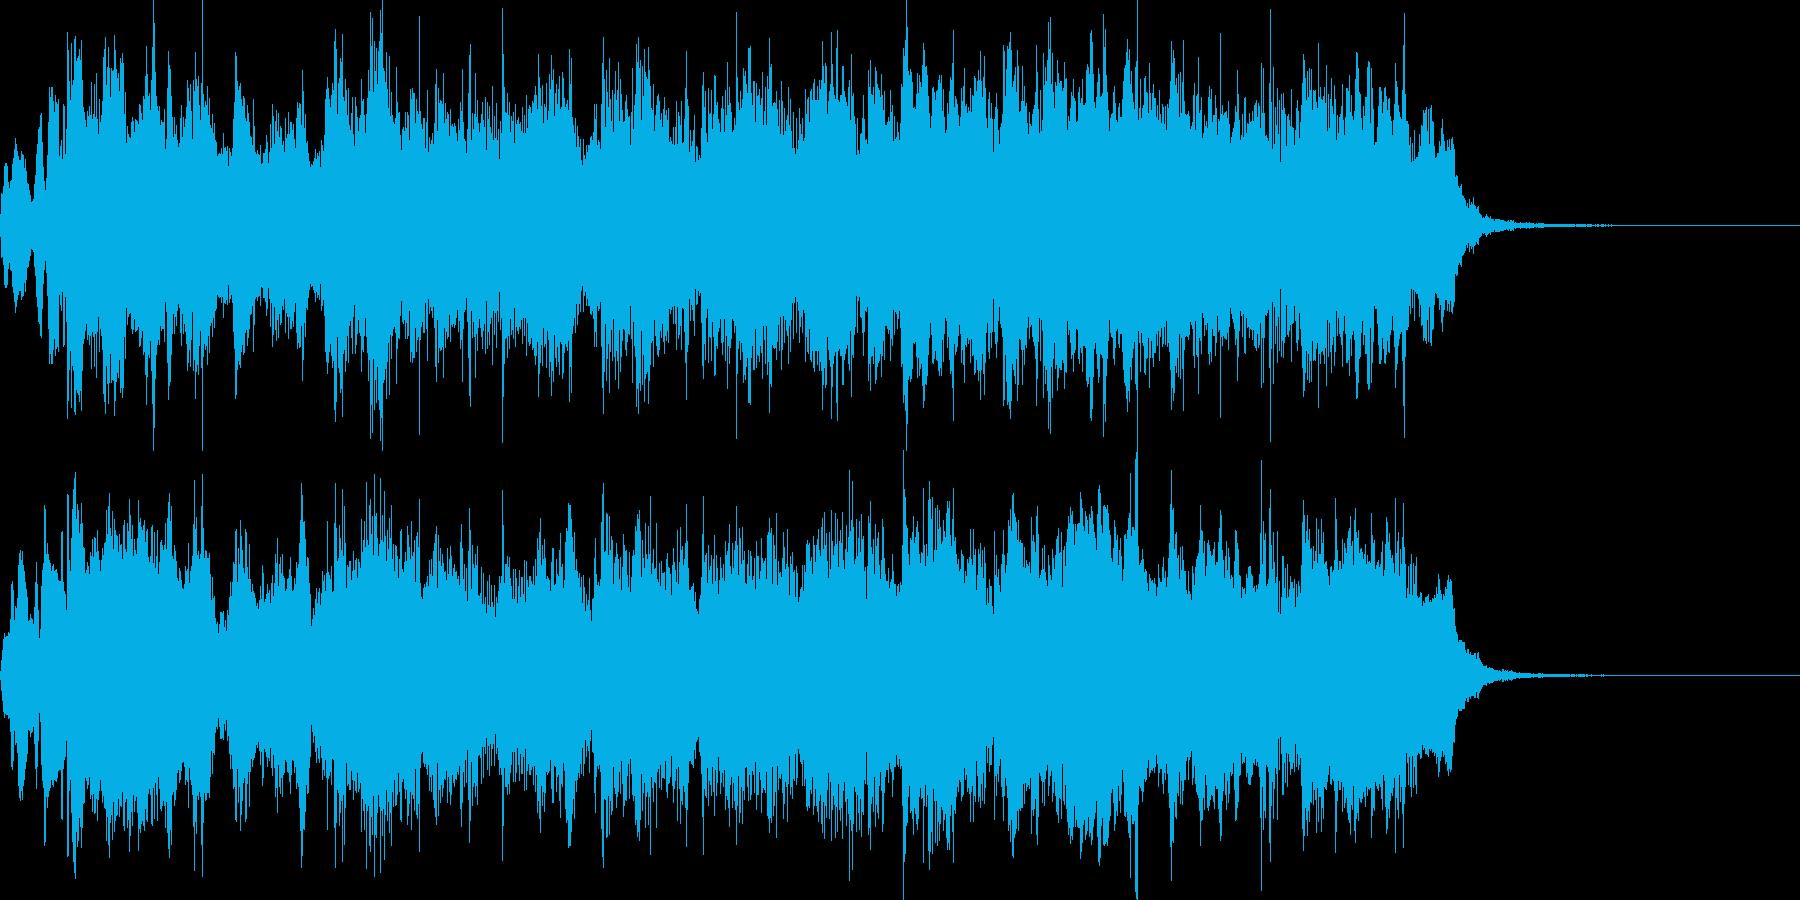 暖かいオーケストラの再生済みの波形